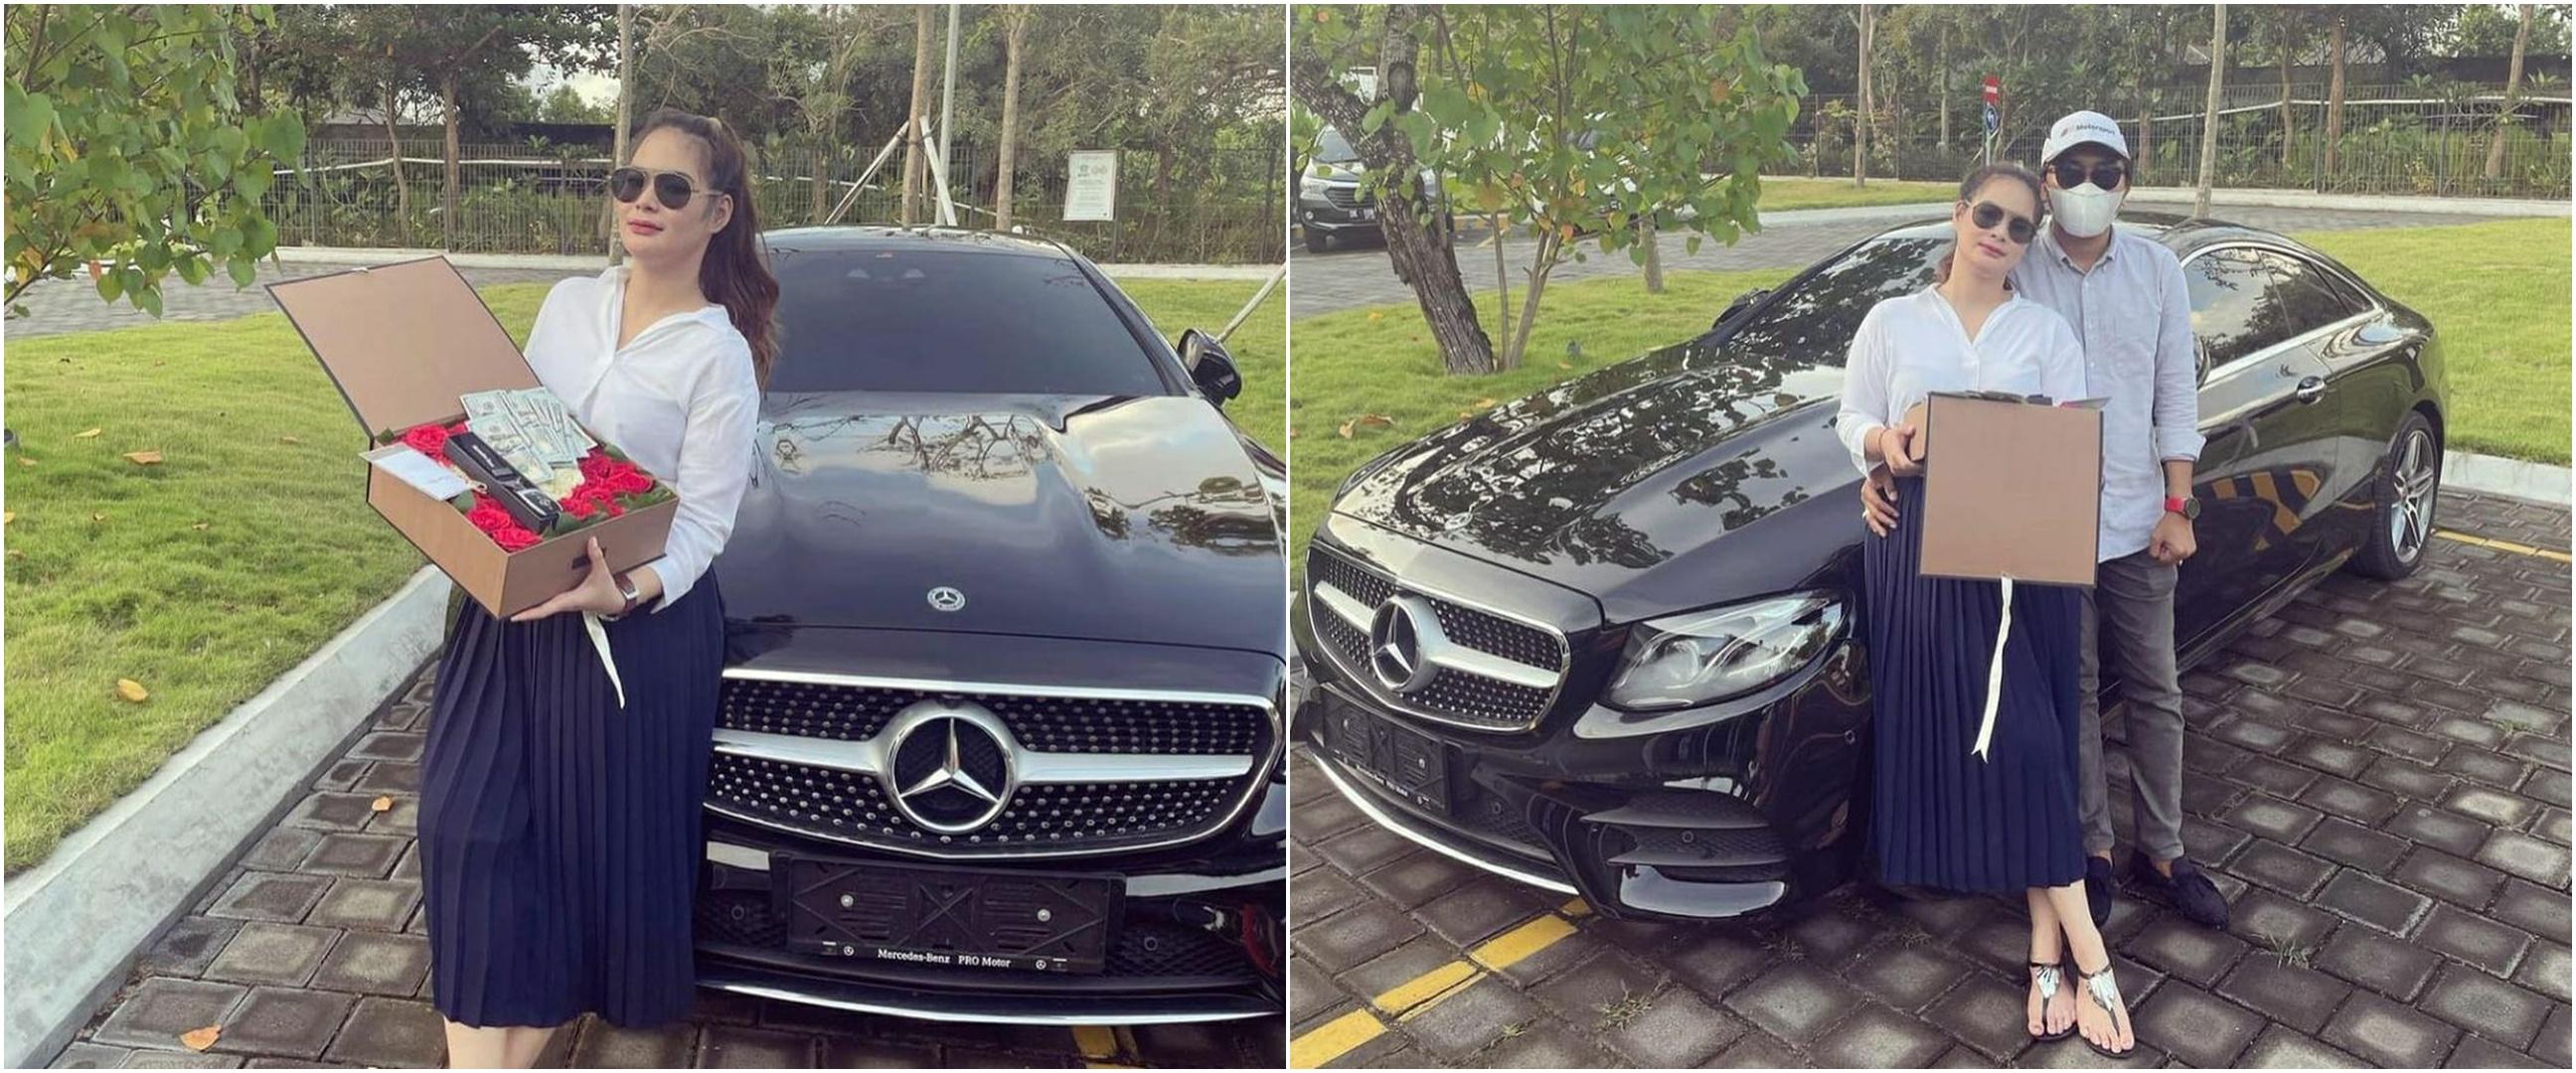 Baru kenal seminggu, Shyalimar Malik dapat hadiah mobil dari pacar